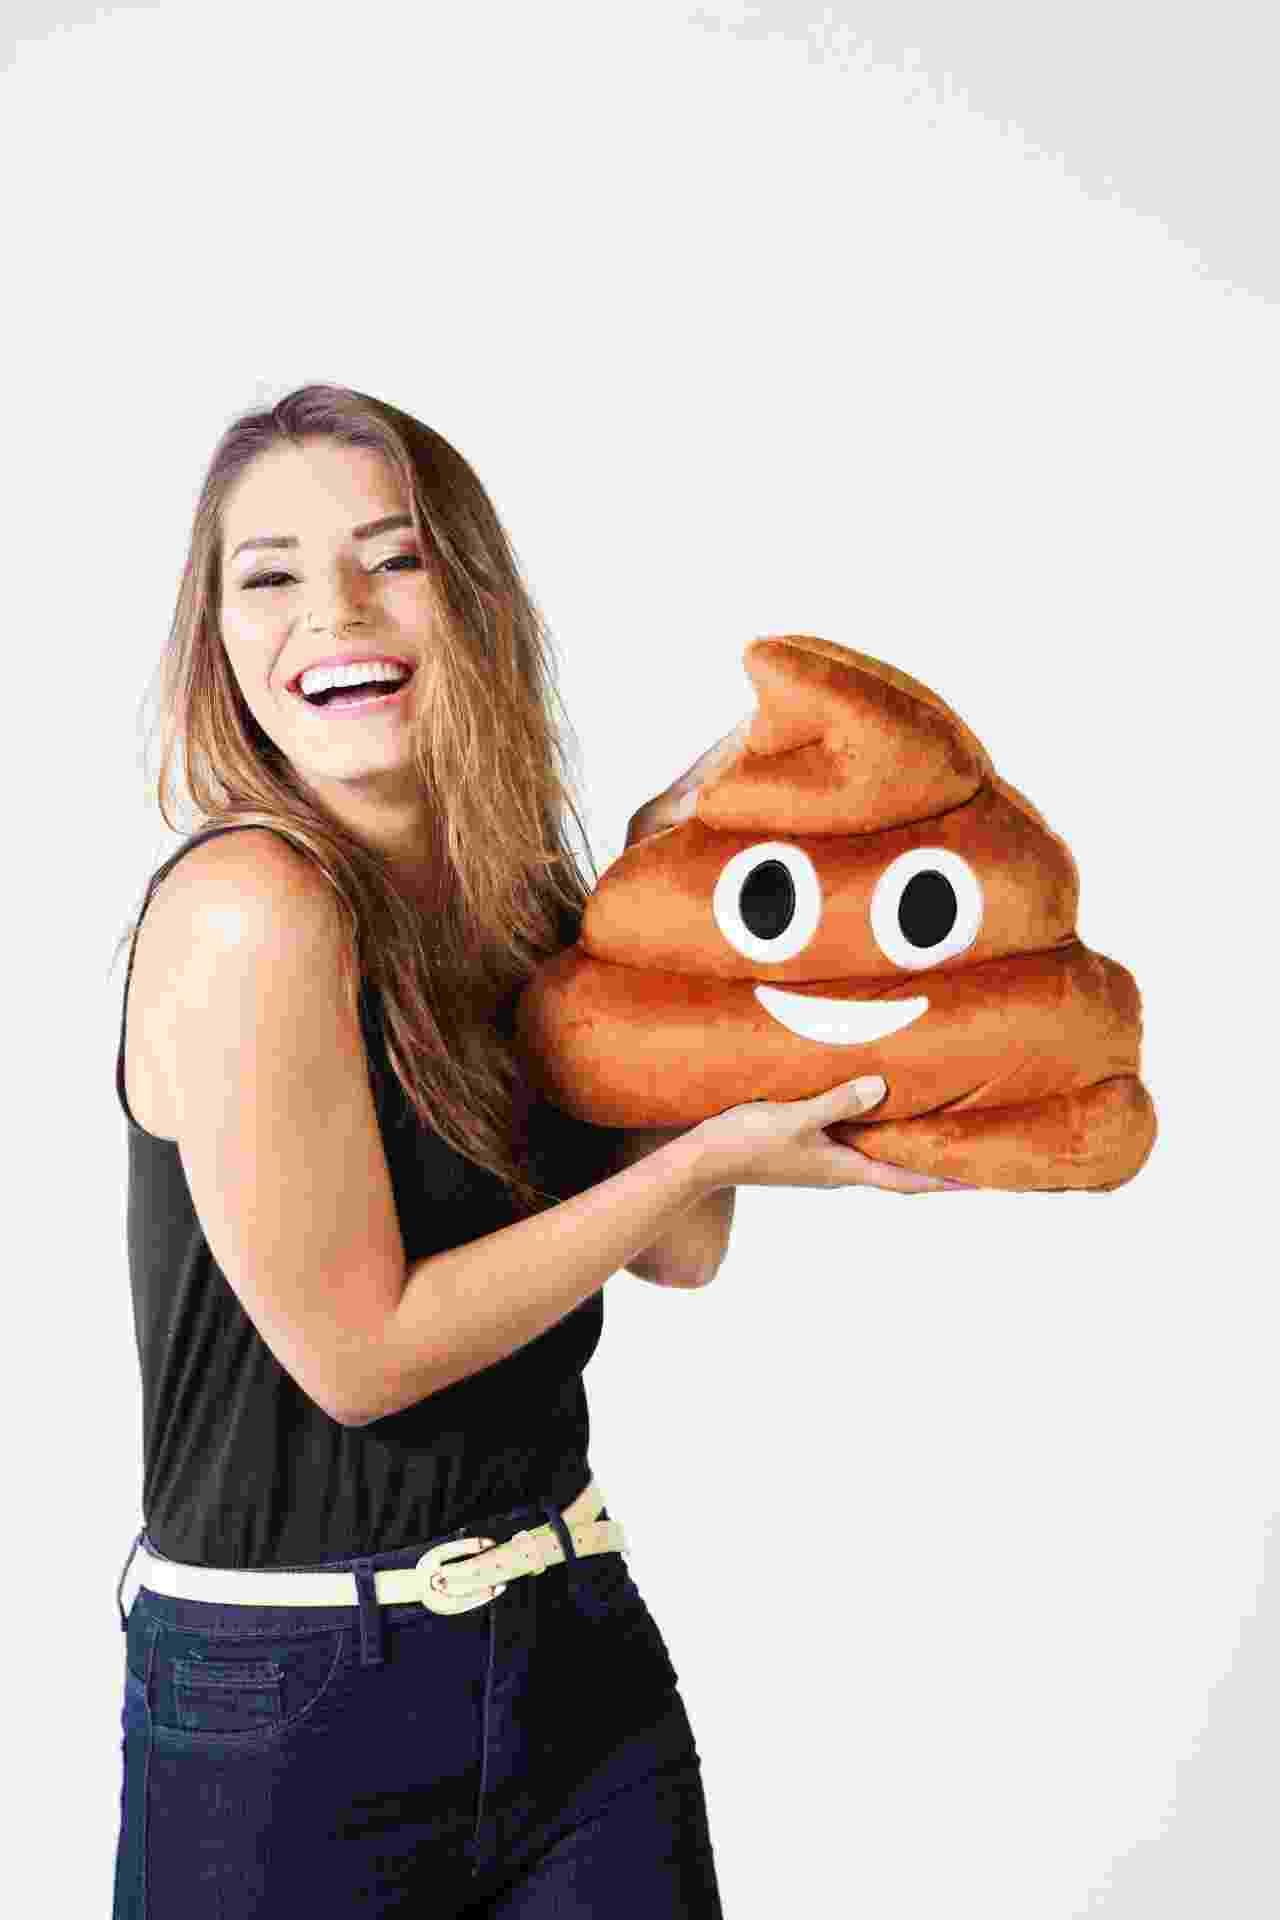 Fofostore chega ao primeiro milhão com almofada de emoticons: na foto, almofada de cocozinho - Divulgação